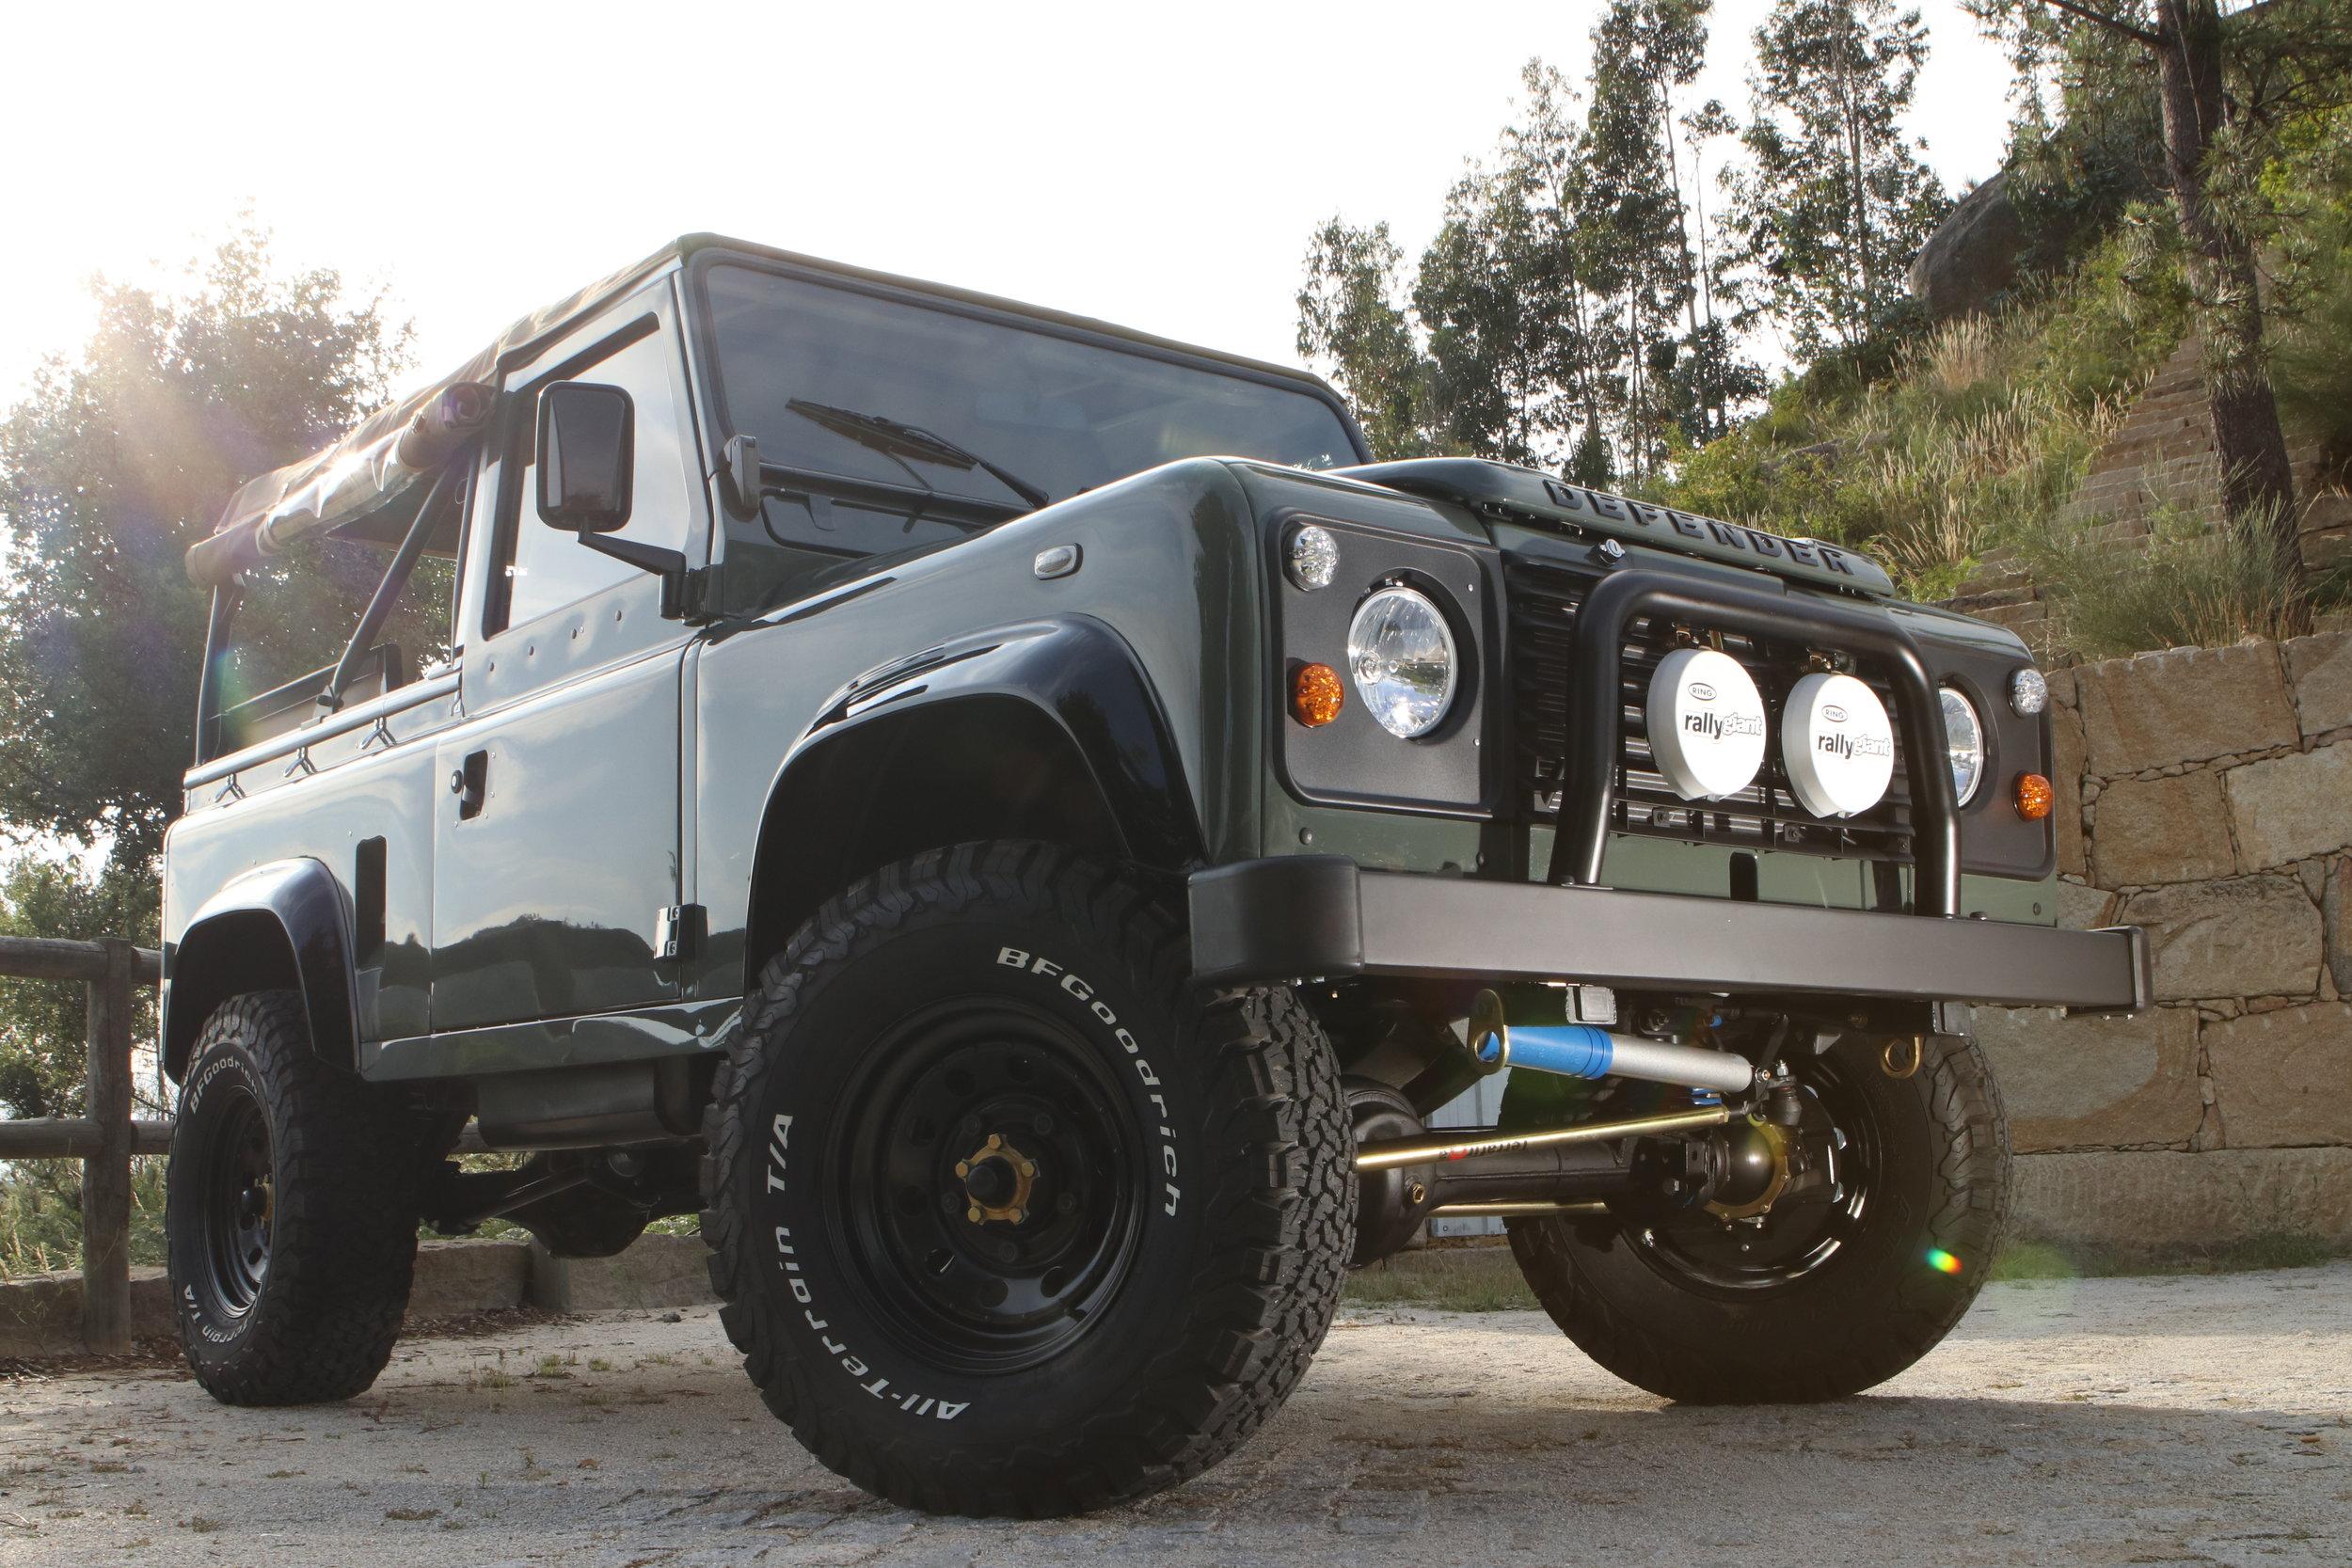 LegacyOverland_ProjKalahari_Defender90_car25.JPG